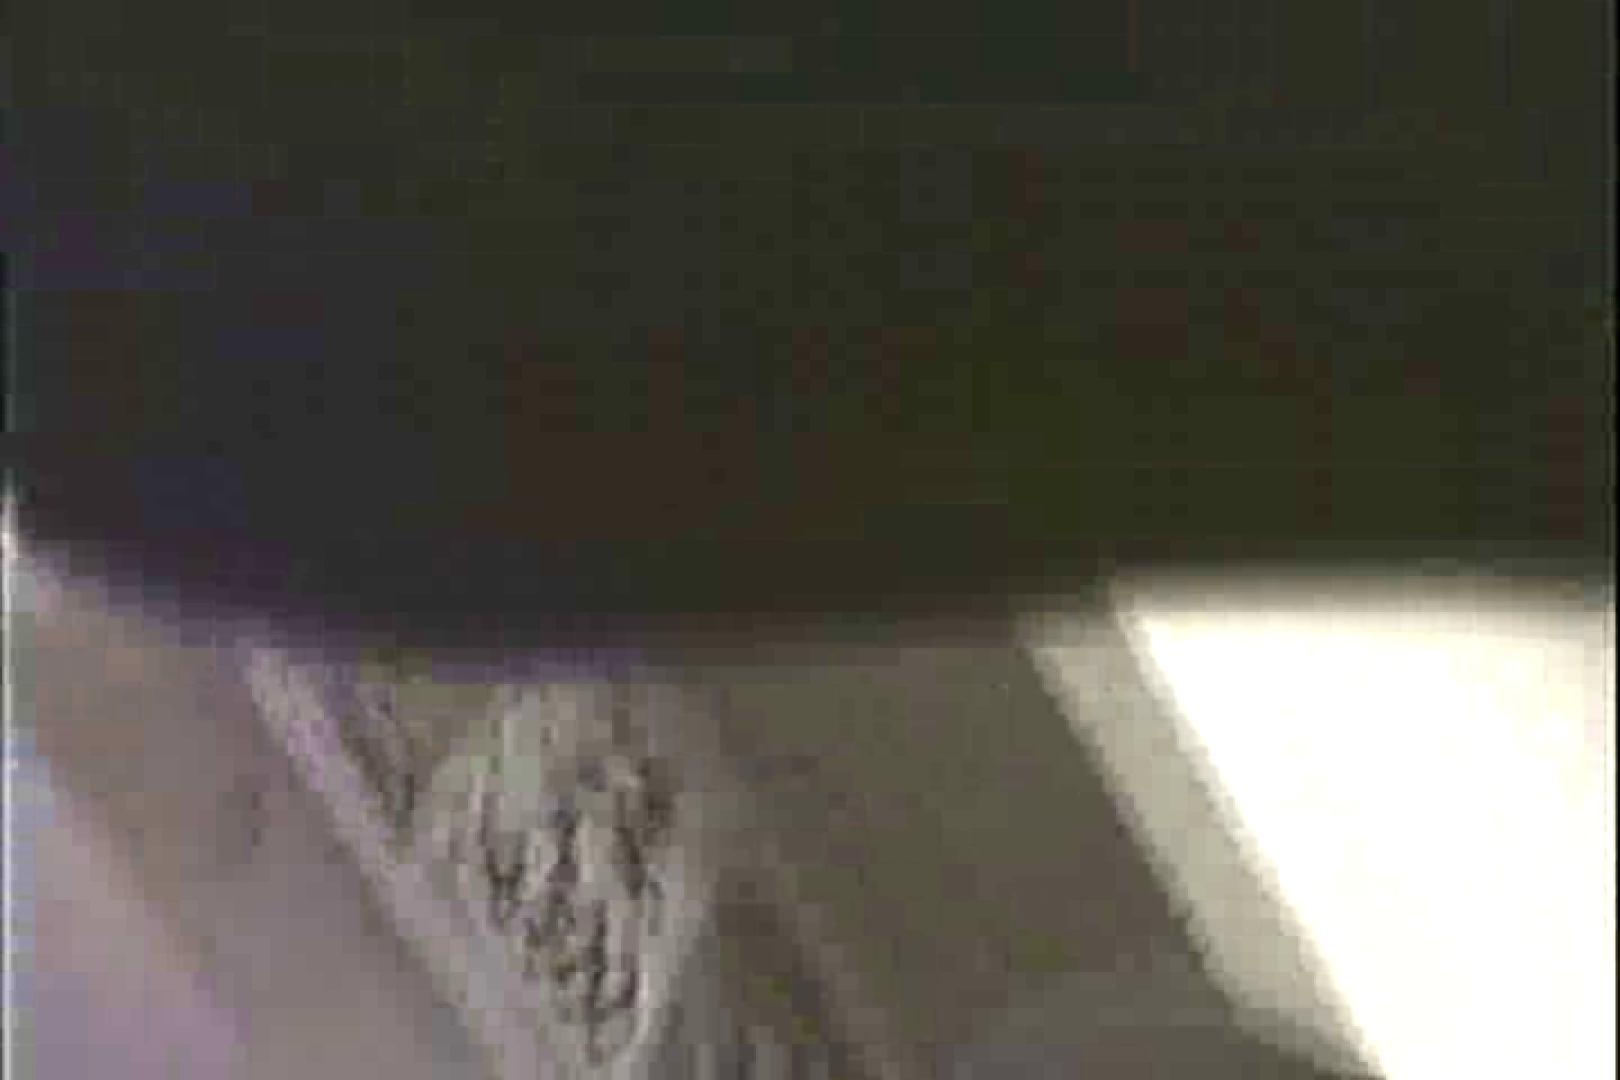 「ちくりん」さんのオリジナル未編集パンチラVol.3_01 OLエロ画像 | チラ  63PICs 43